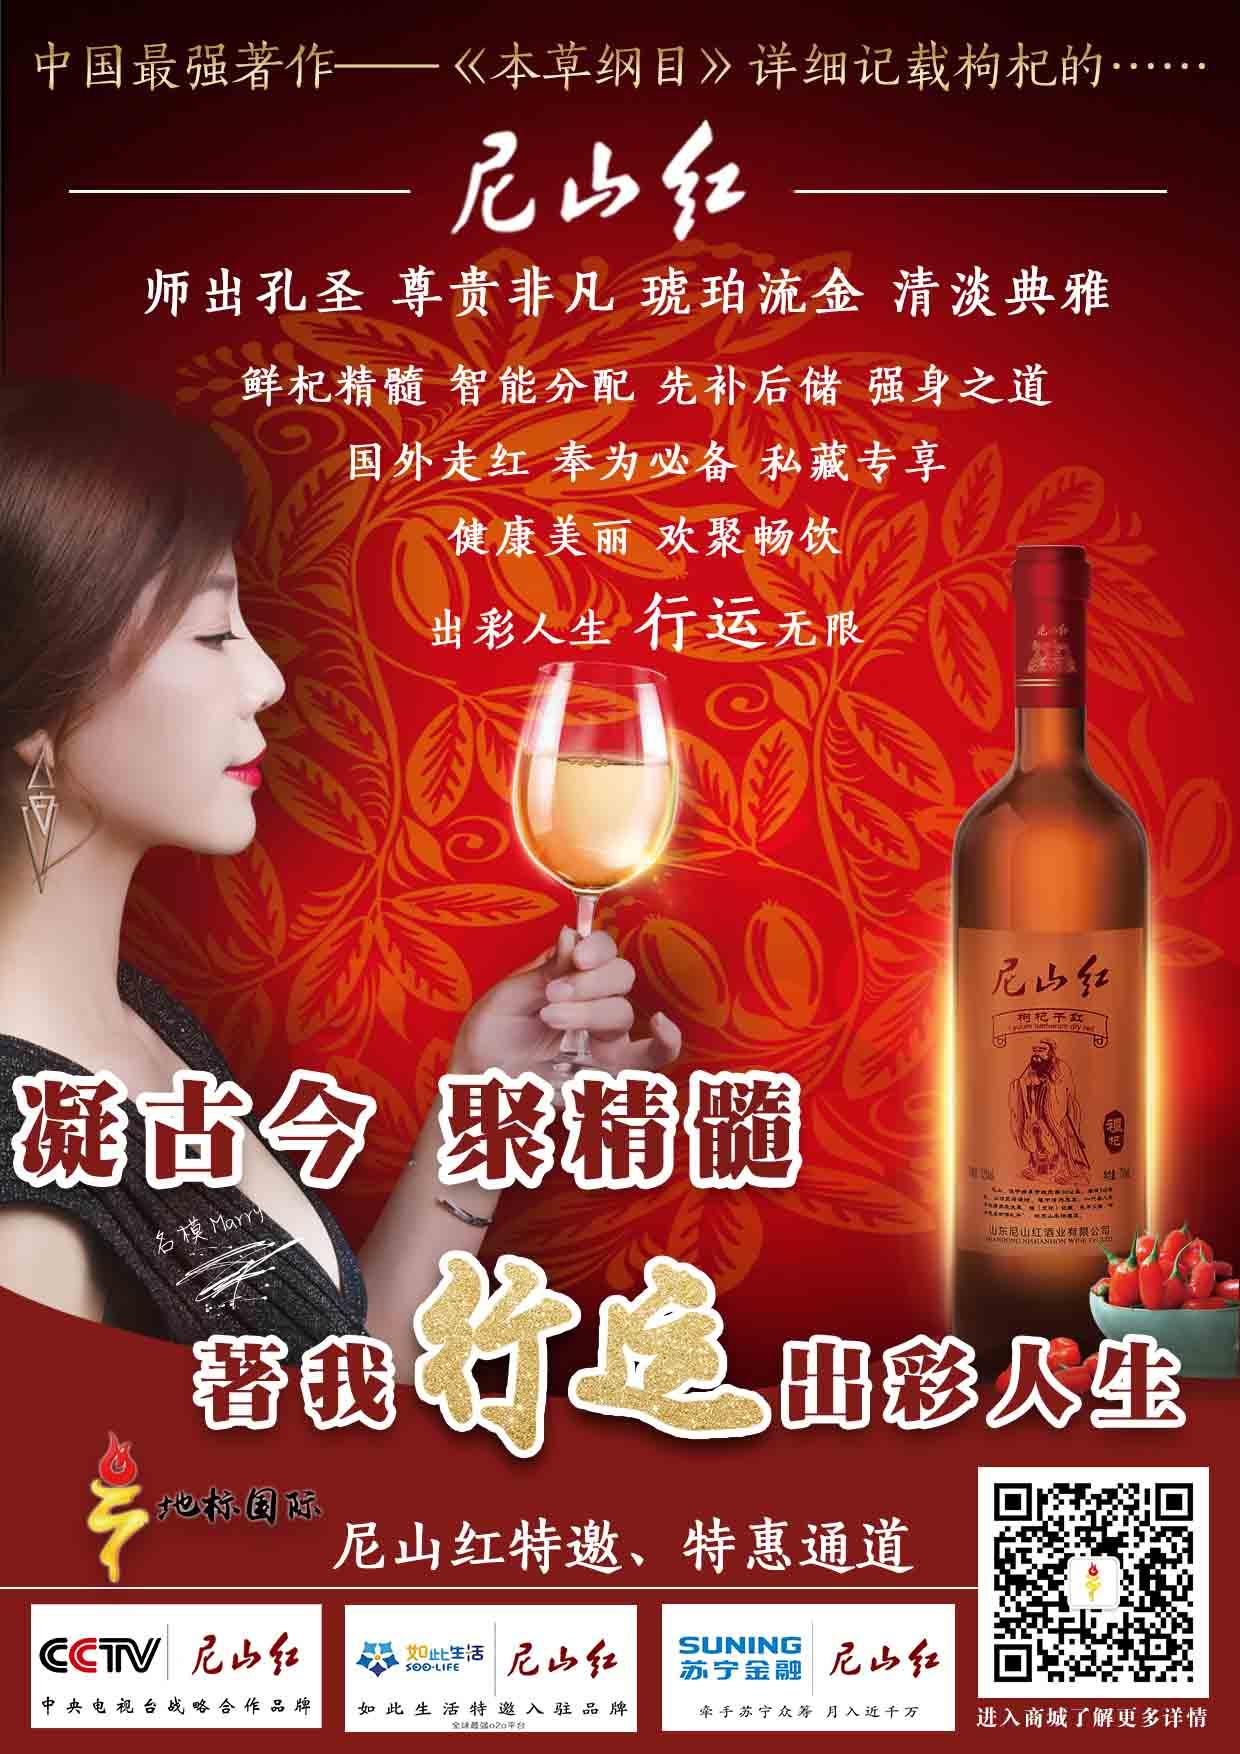 安徽网加供应报价合理的尼山红枸杞干红|红酒品牌?#22270;?#25209;发